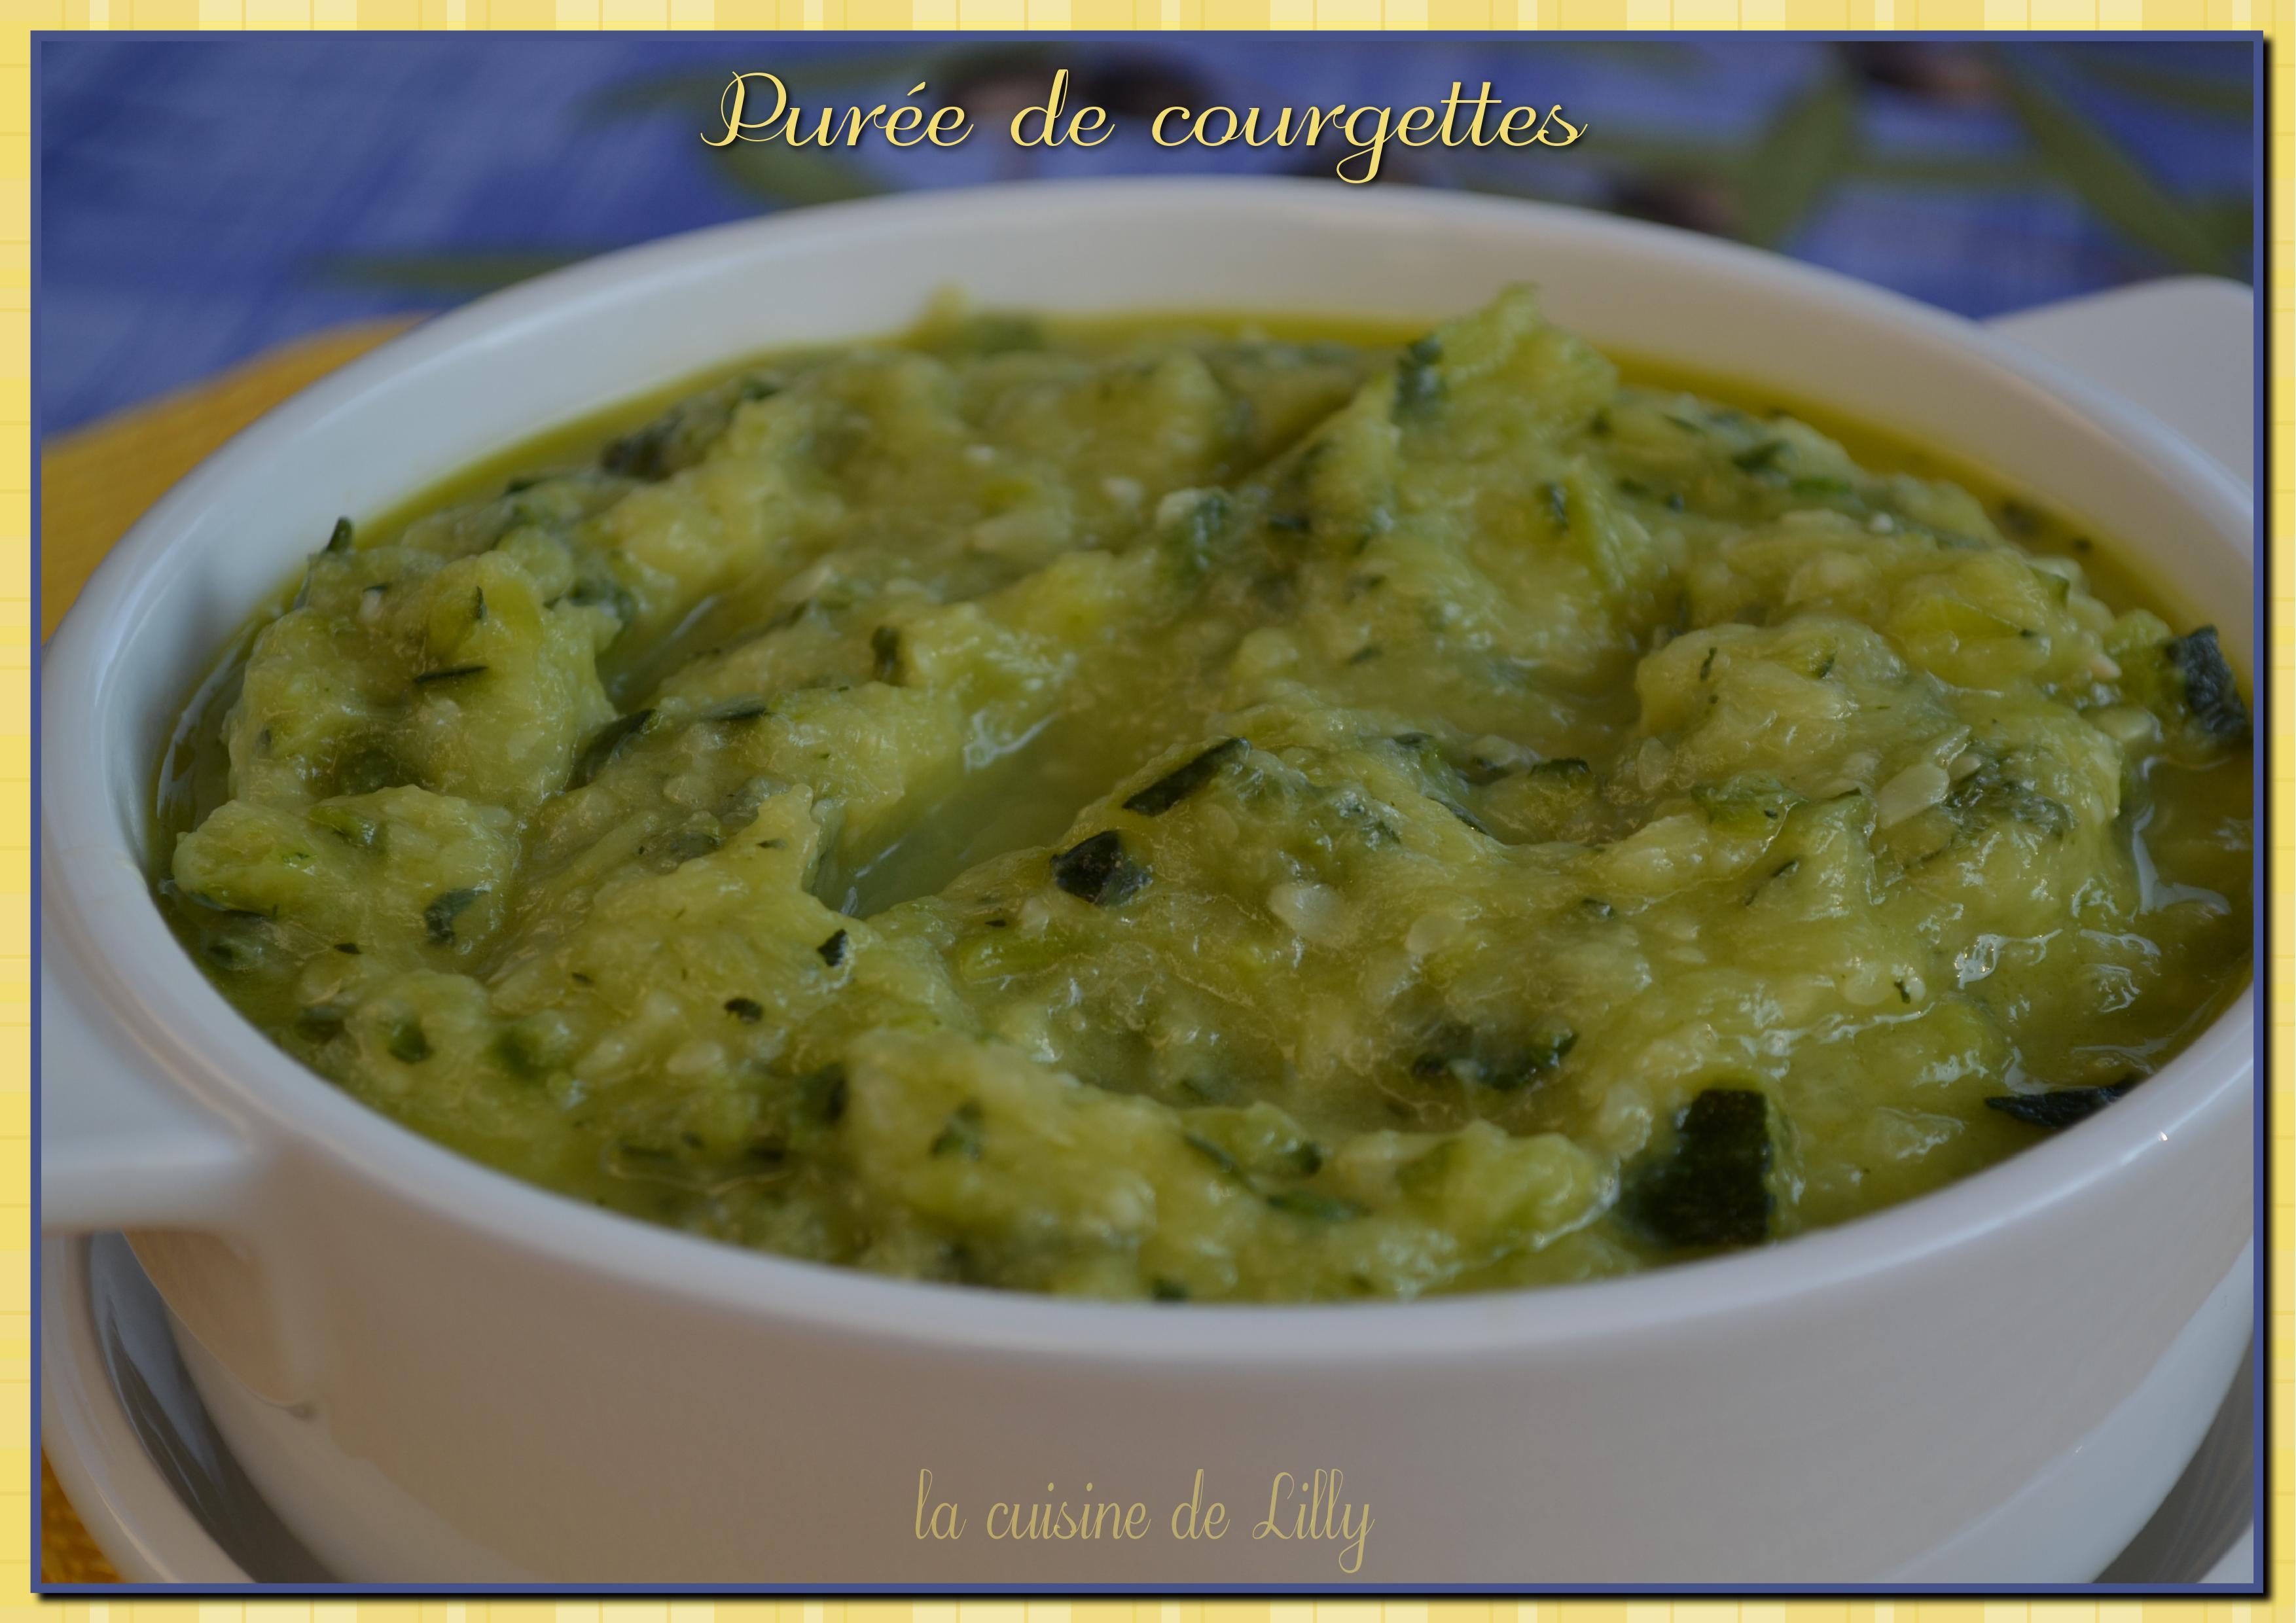 Recette thermomix pur e de courgettes au parmesan - Recette pour courgettes au thermomix ...